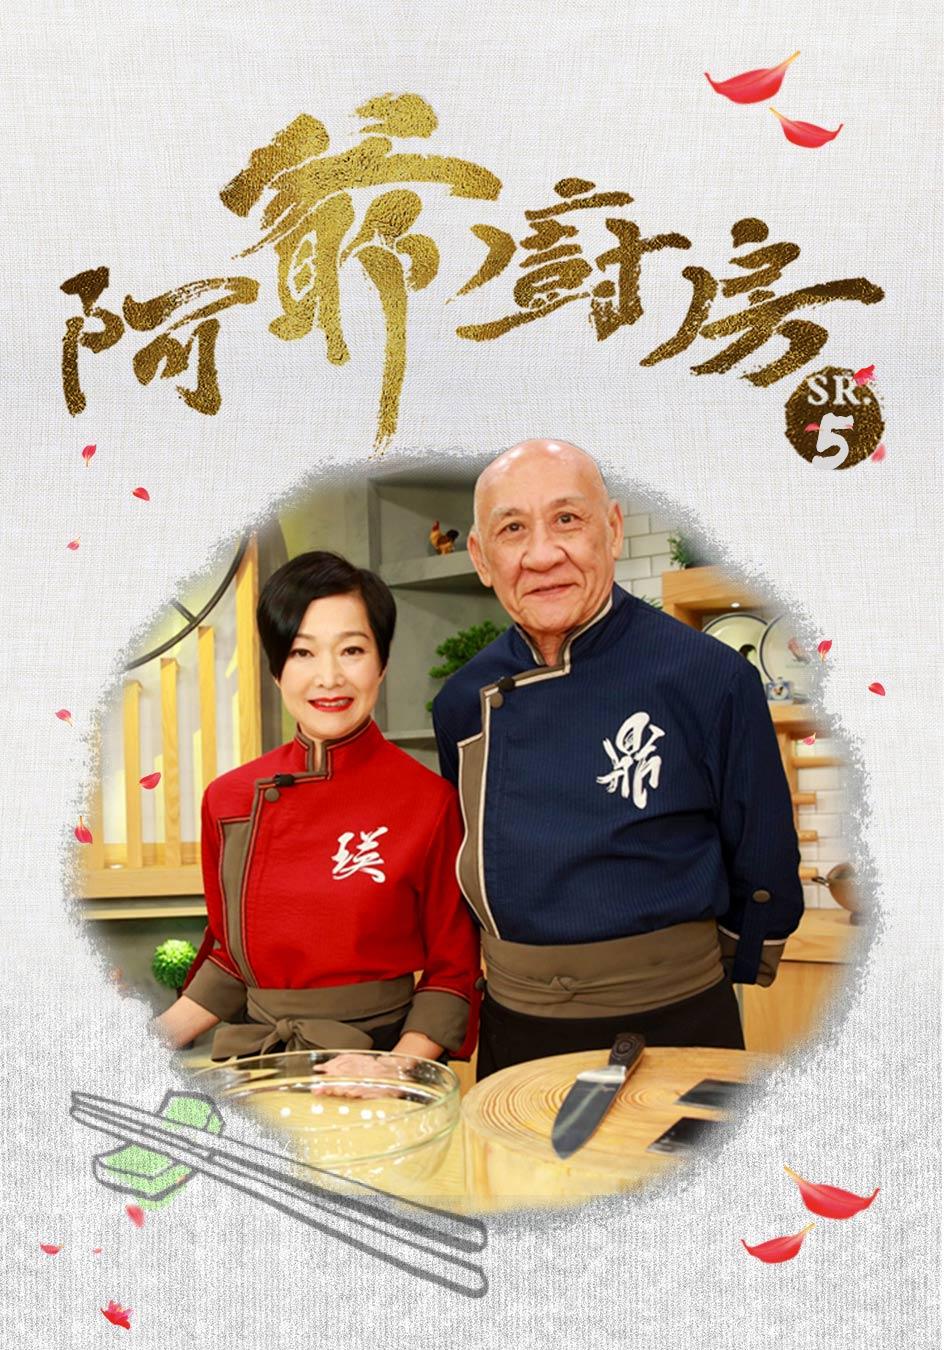 阿爺廚房5-The Ahistoric Grandpa Cooking Show Sr. 5